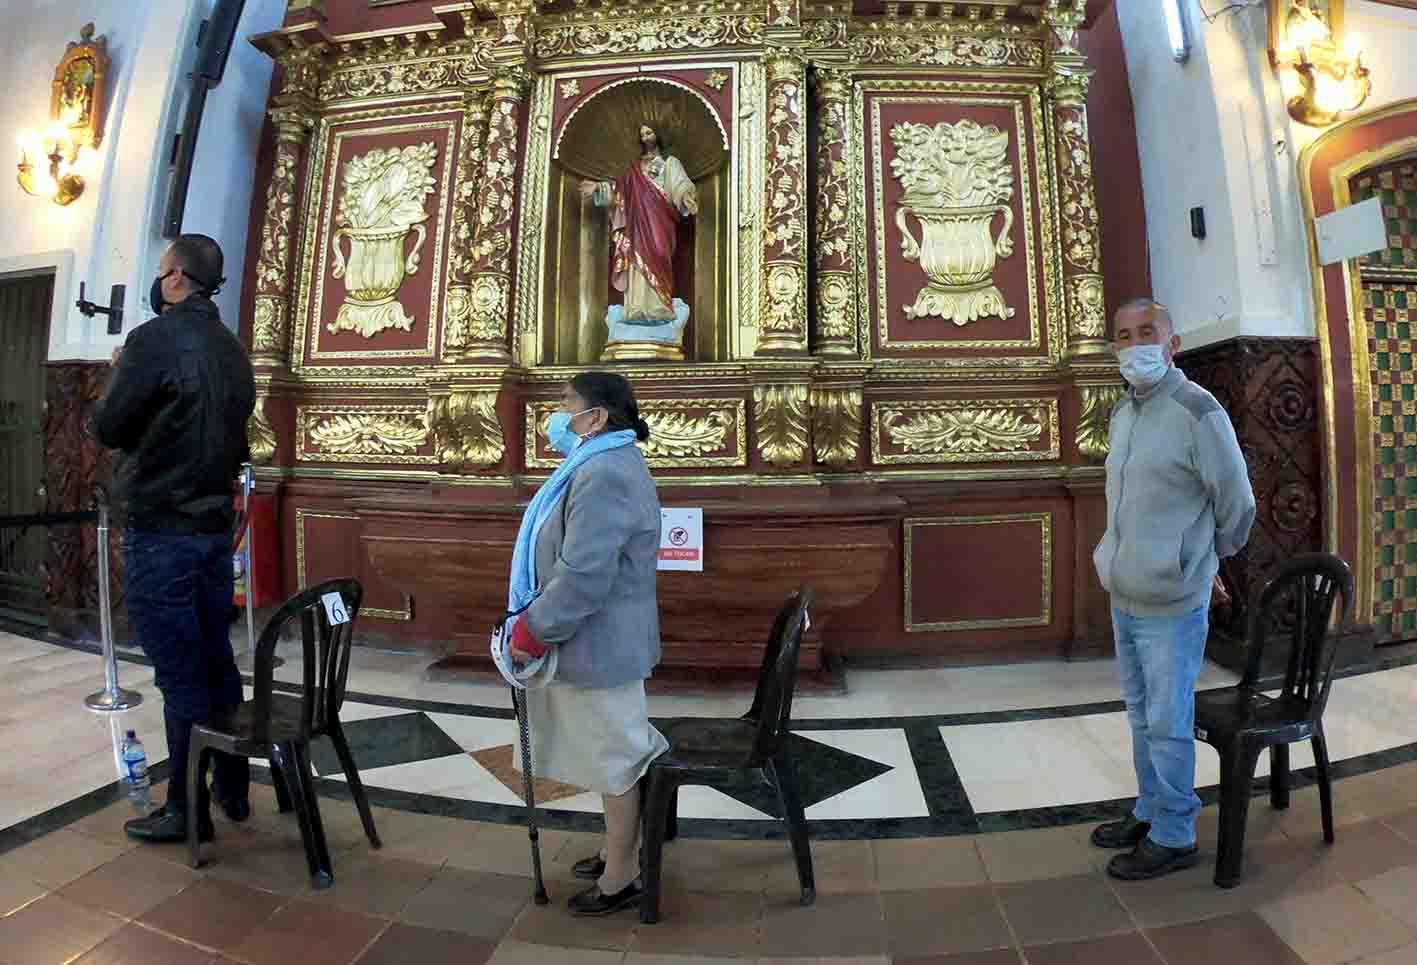 SOS por bioseguridad: Minsalud insiste en autocuidado en templos durante Semana Santa